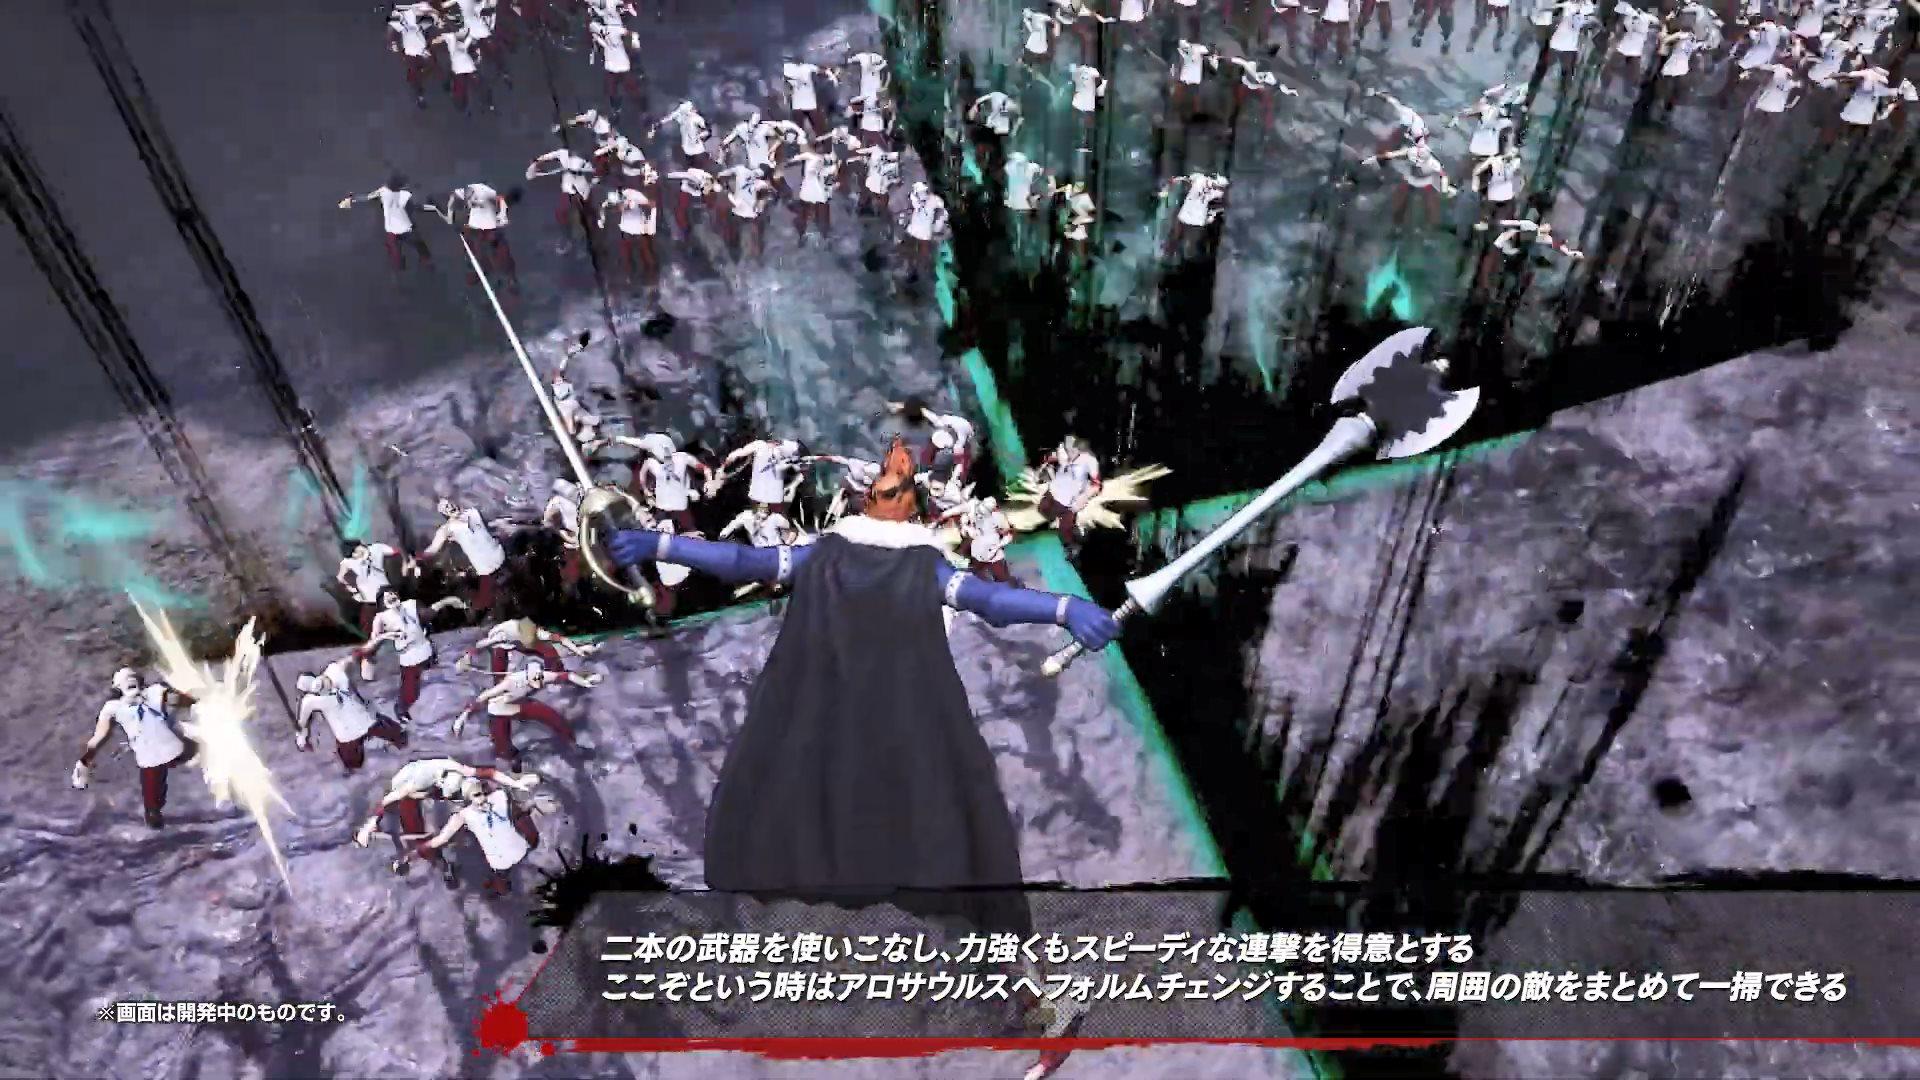 《海贼无双4》DLC角色X·德雷克预告 化身为龙展开战斗